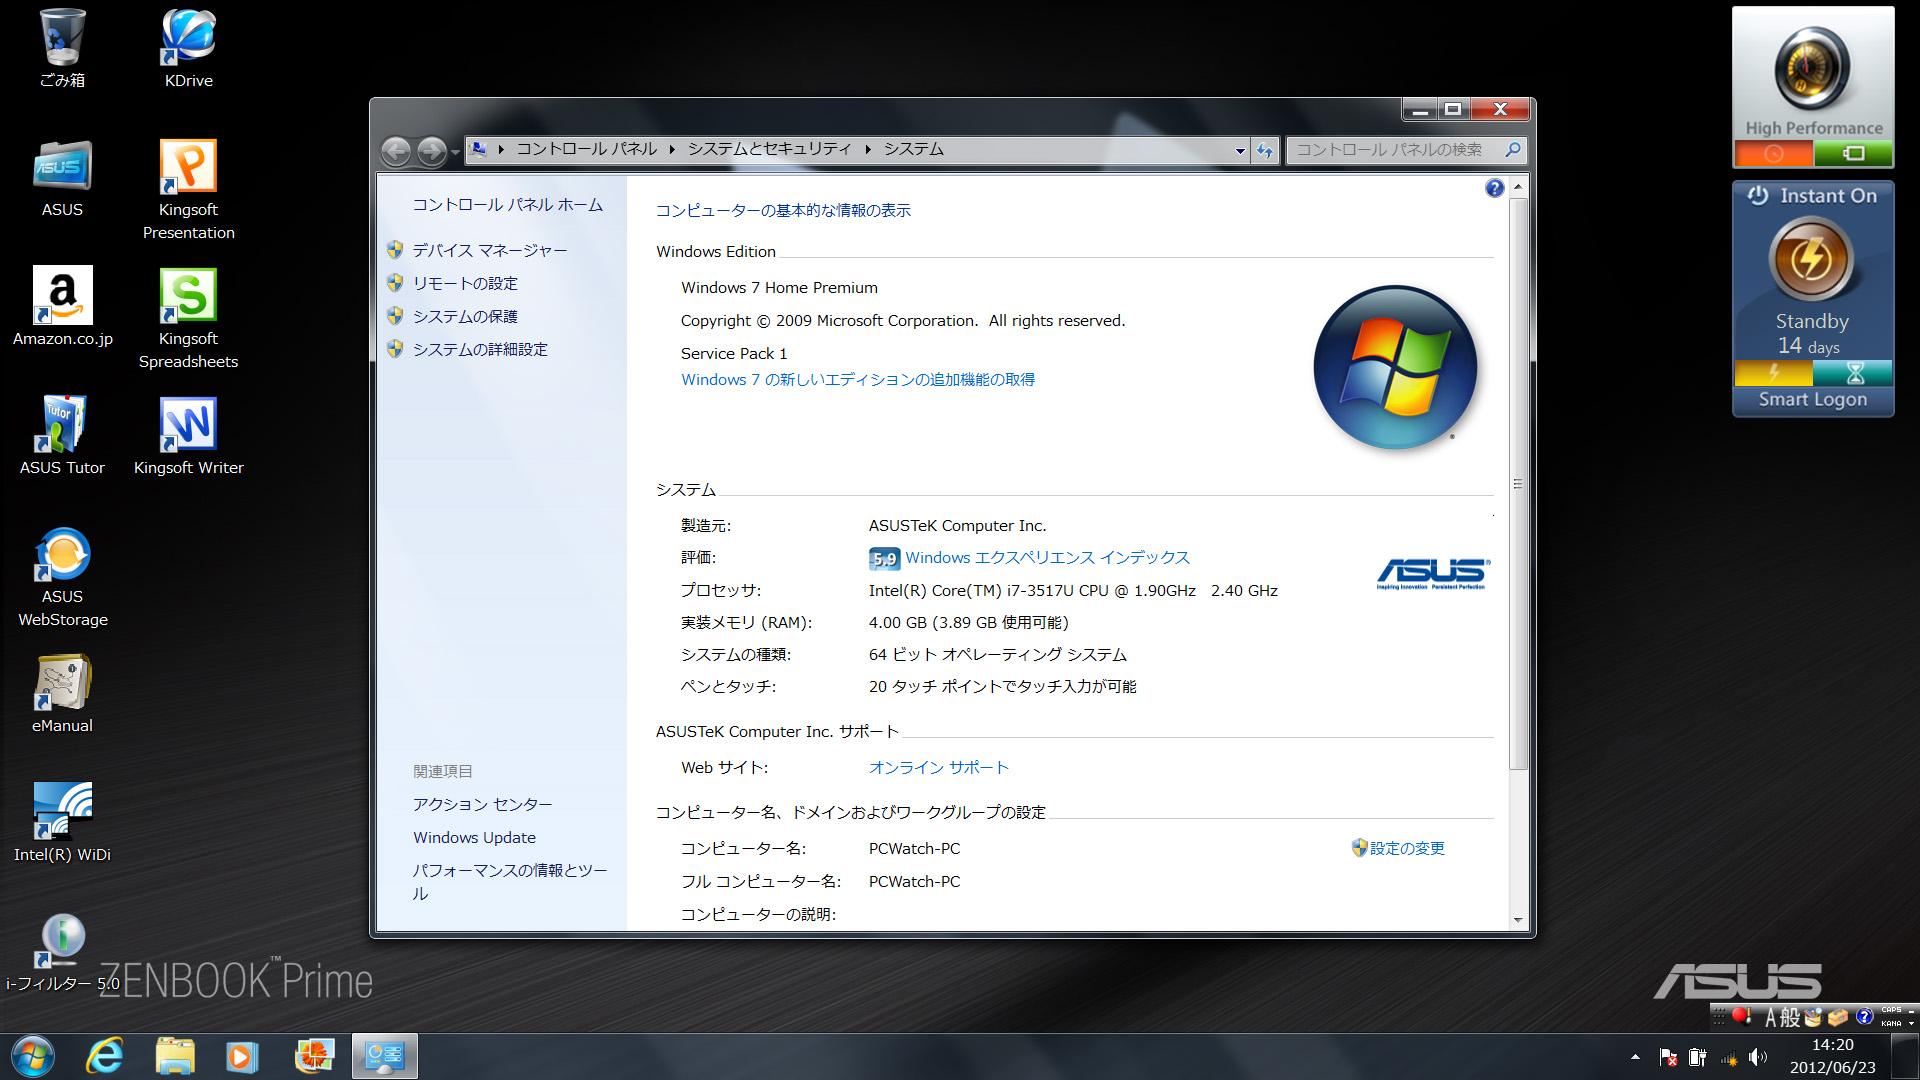 起動時のデスクトップ。OSは64bit版Windows 7 Home Premium SP1。デスクトップは左側に各種ツールへのショートカット、右側には「Power4Gear Hybrid」と「Instant On」のウィジェット